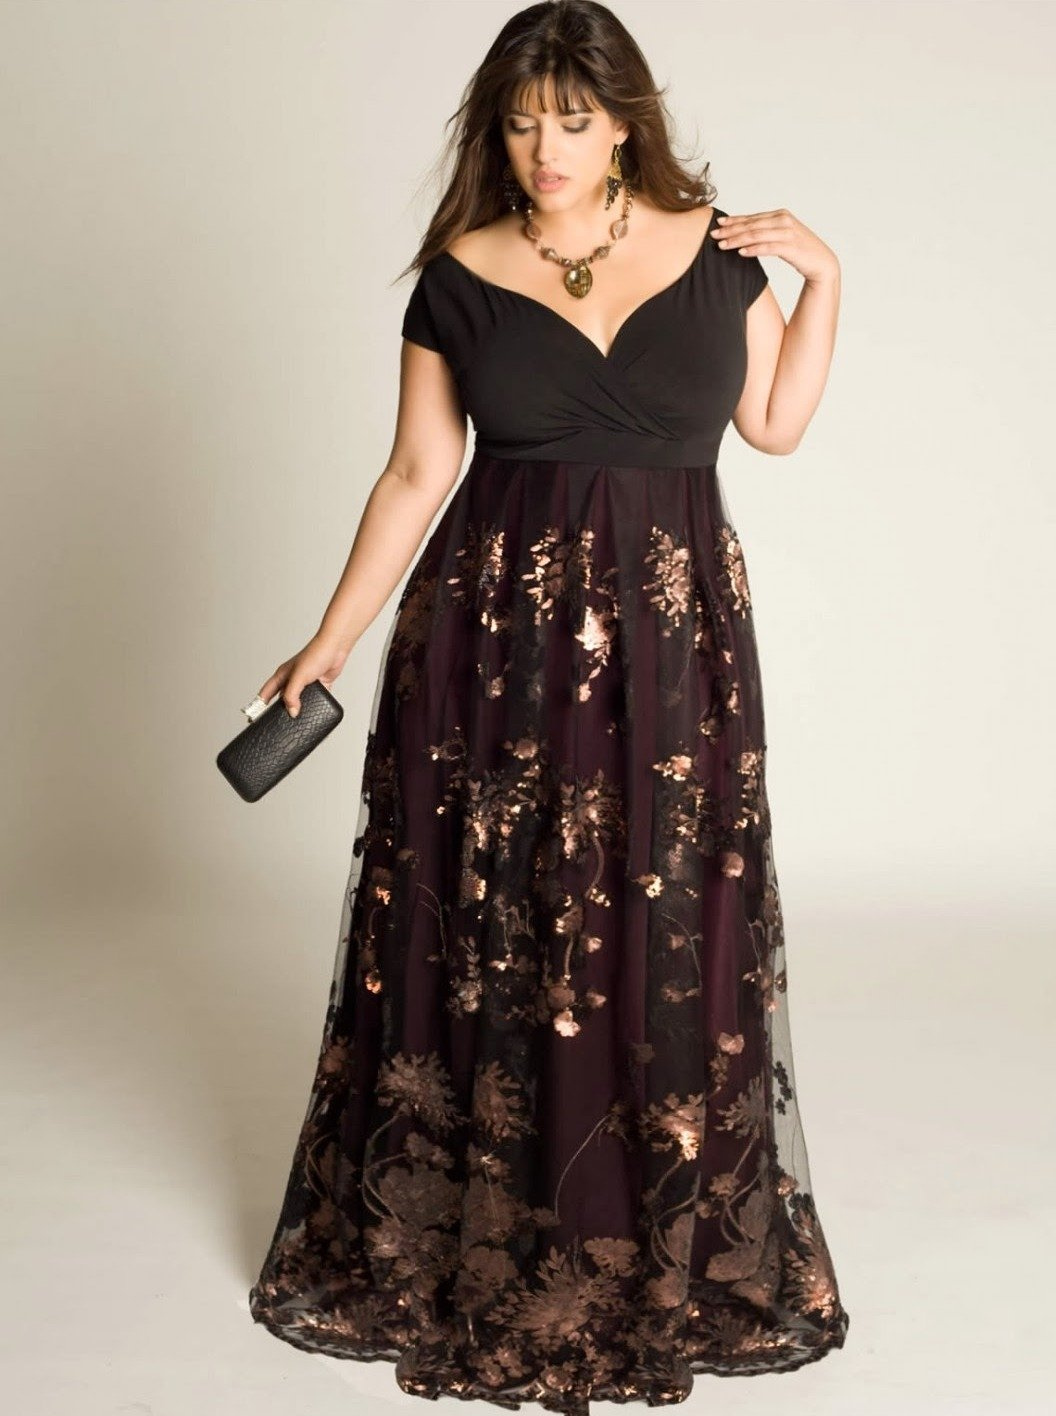 Приеме фото платьев для толстушек транса дом